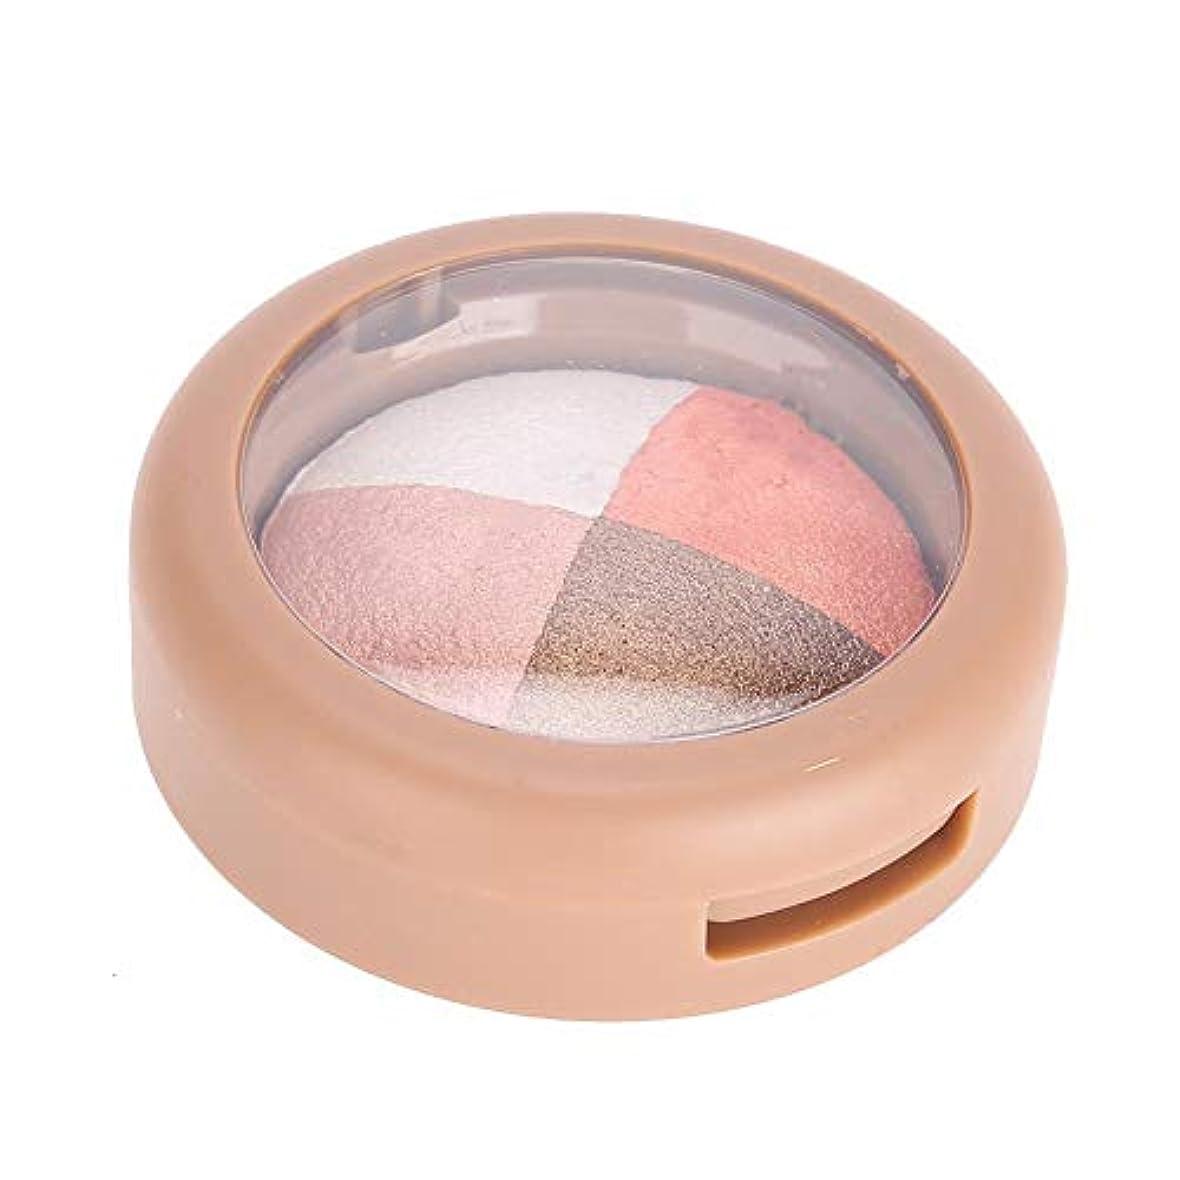 平方用心深い毎年アイシャドウパレット 4色 アイシャドウ高度に着色された目メイク長期的な防水アイシャドウパウダー化粧品(4#)